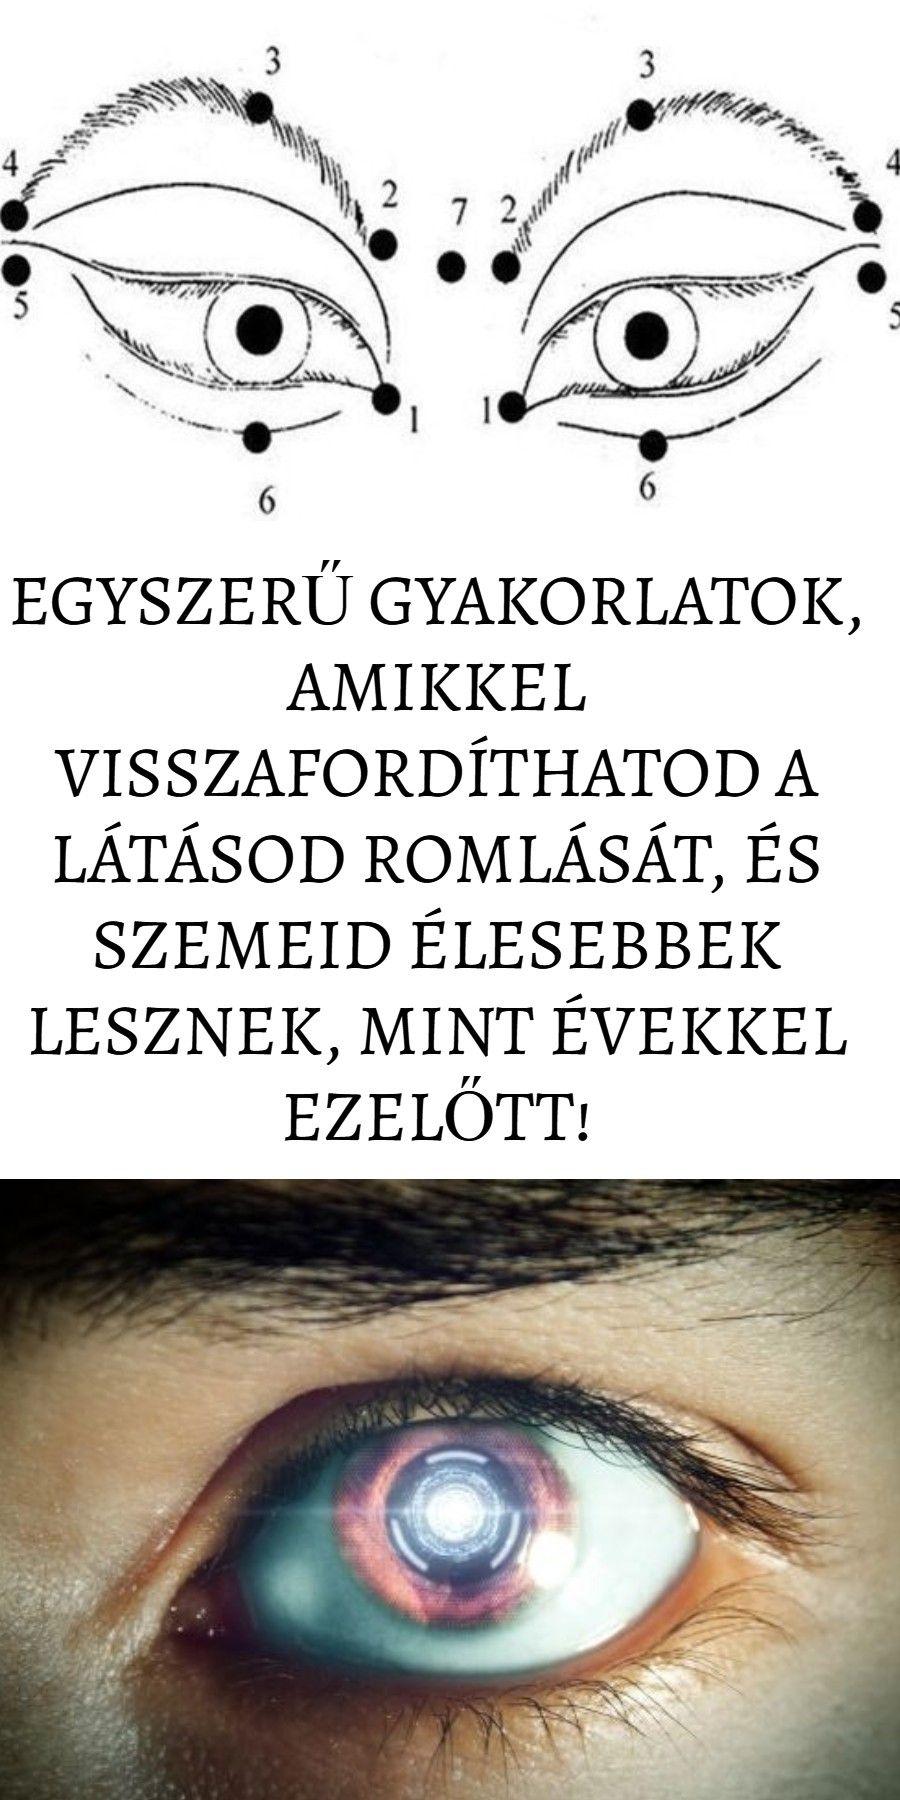 A látás helyreállítása Zhdanov professzor módszerével - Gyulladás September